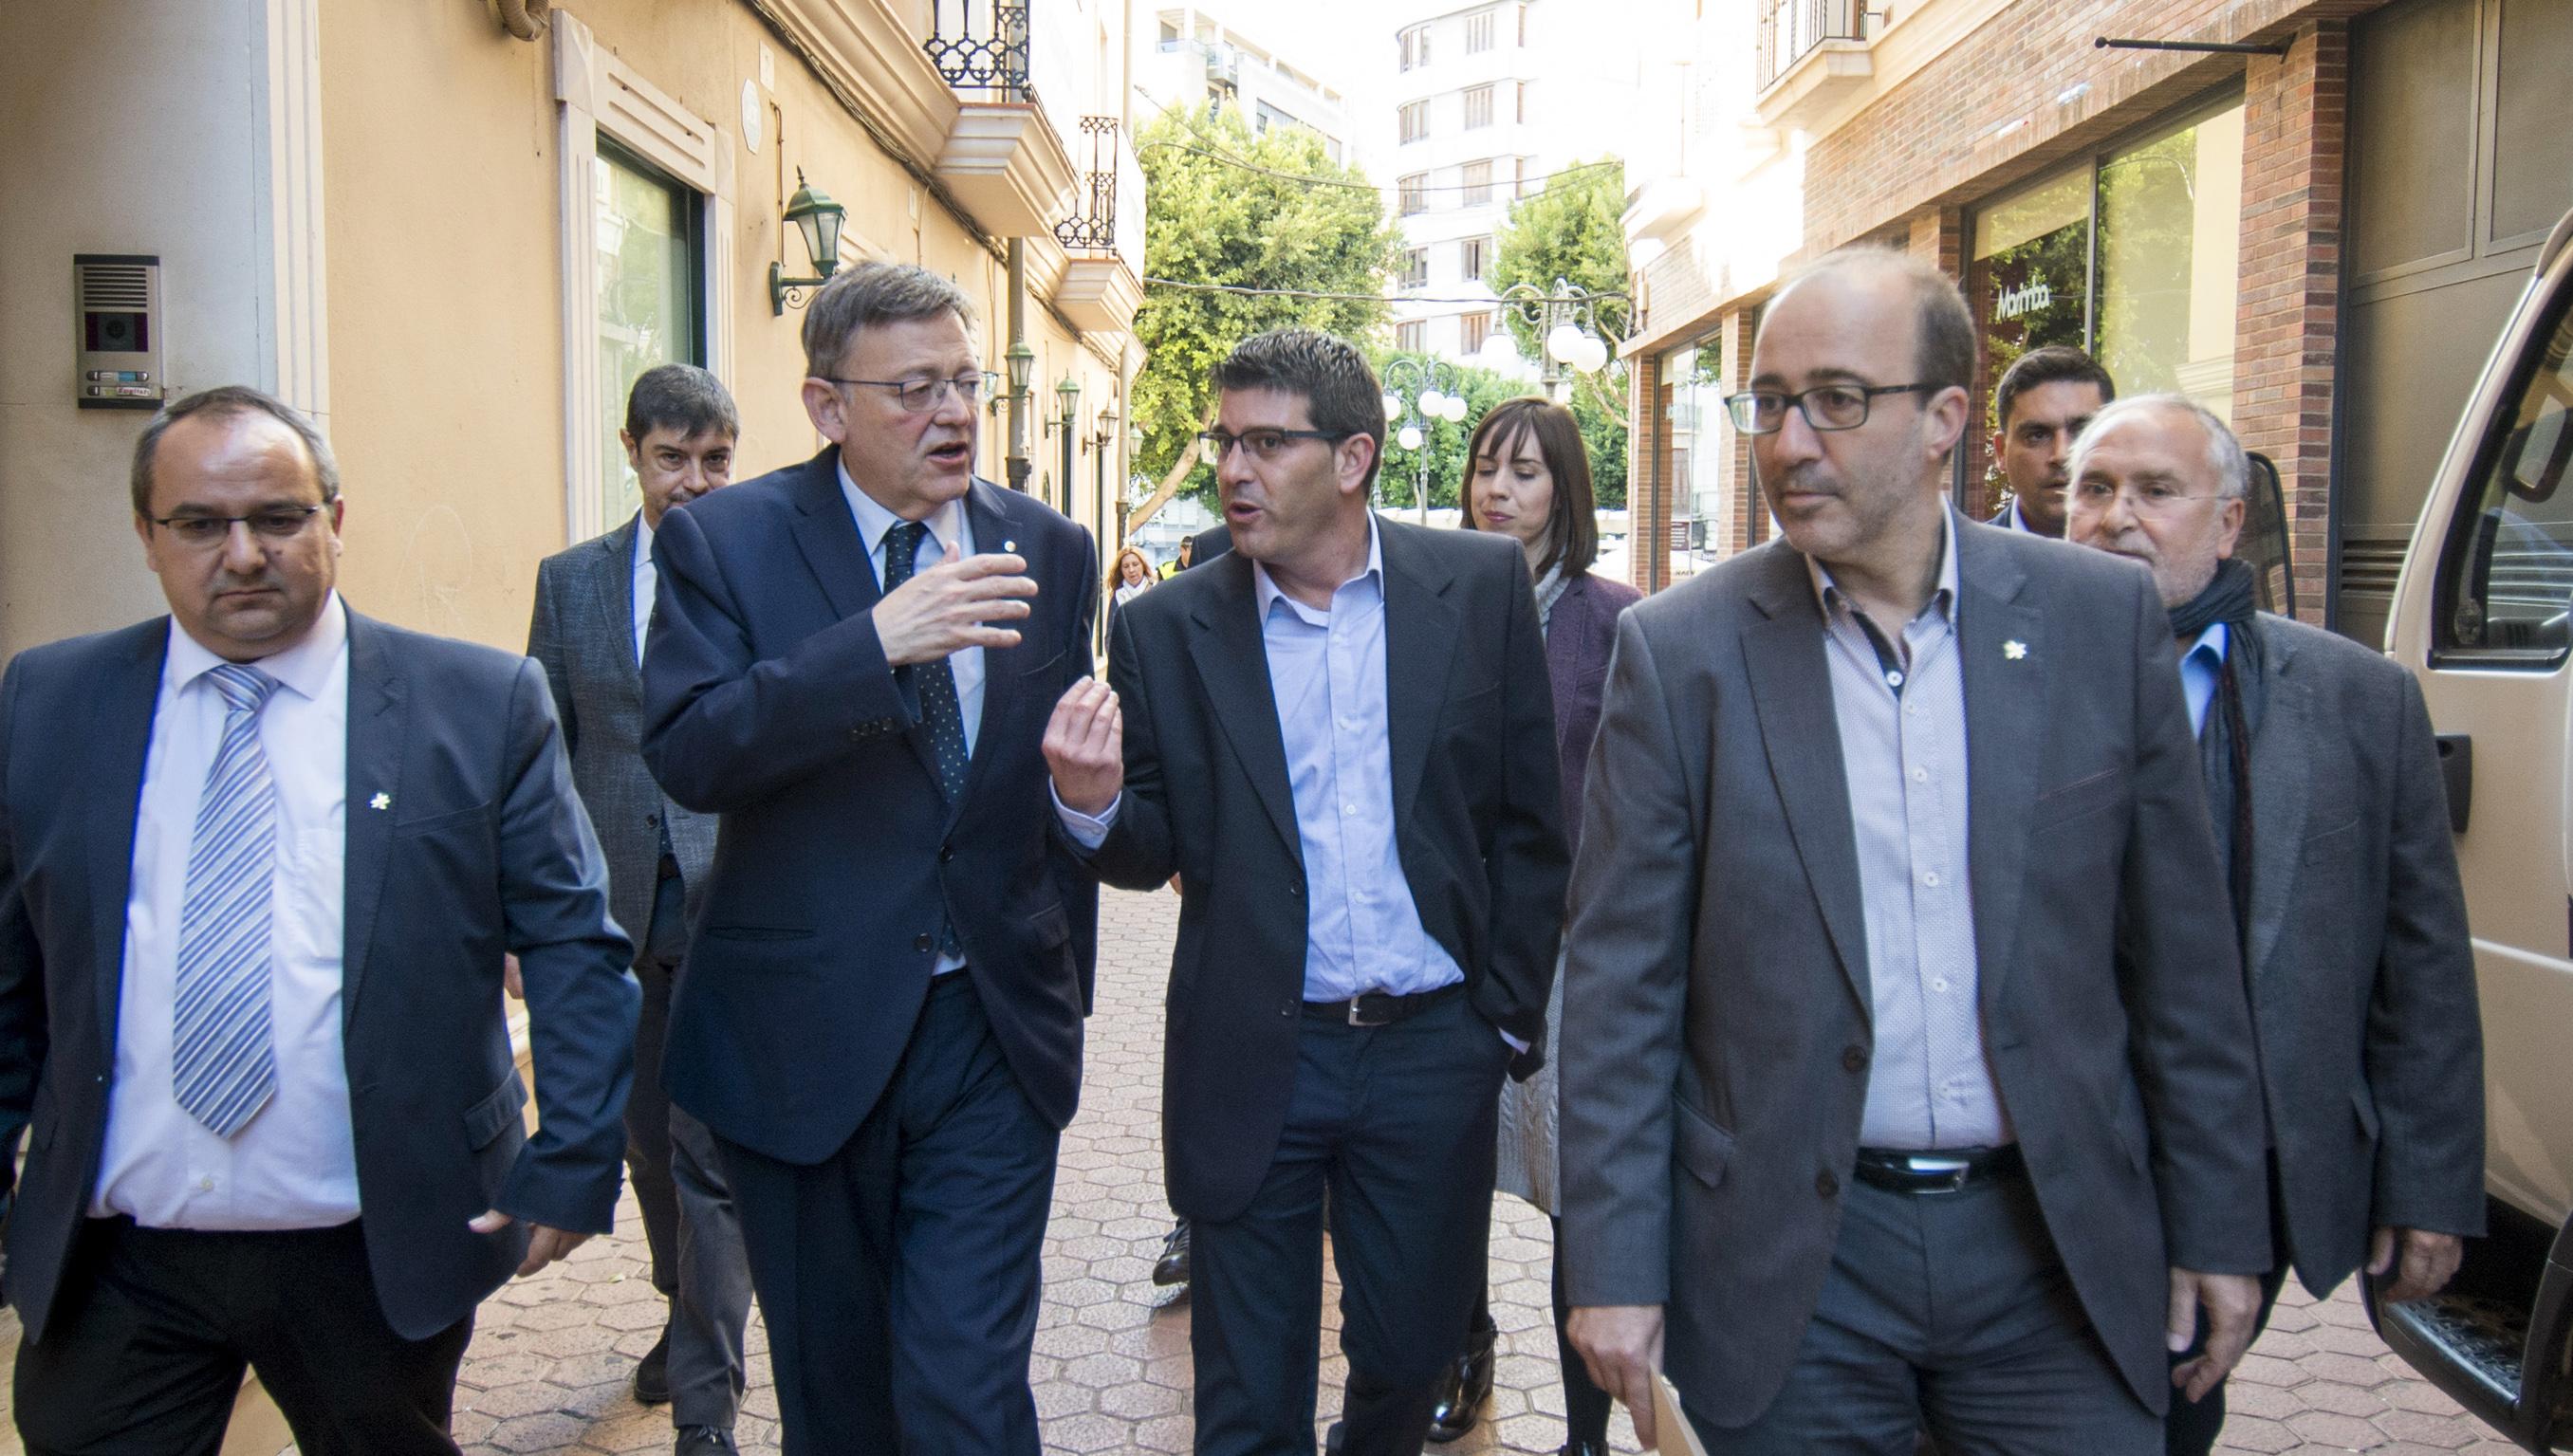 Conferencia Internacional Mancomunidades realizada en Alzira con la participación de Ximo Puig y Jorge Rodríguez.